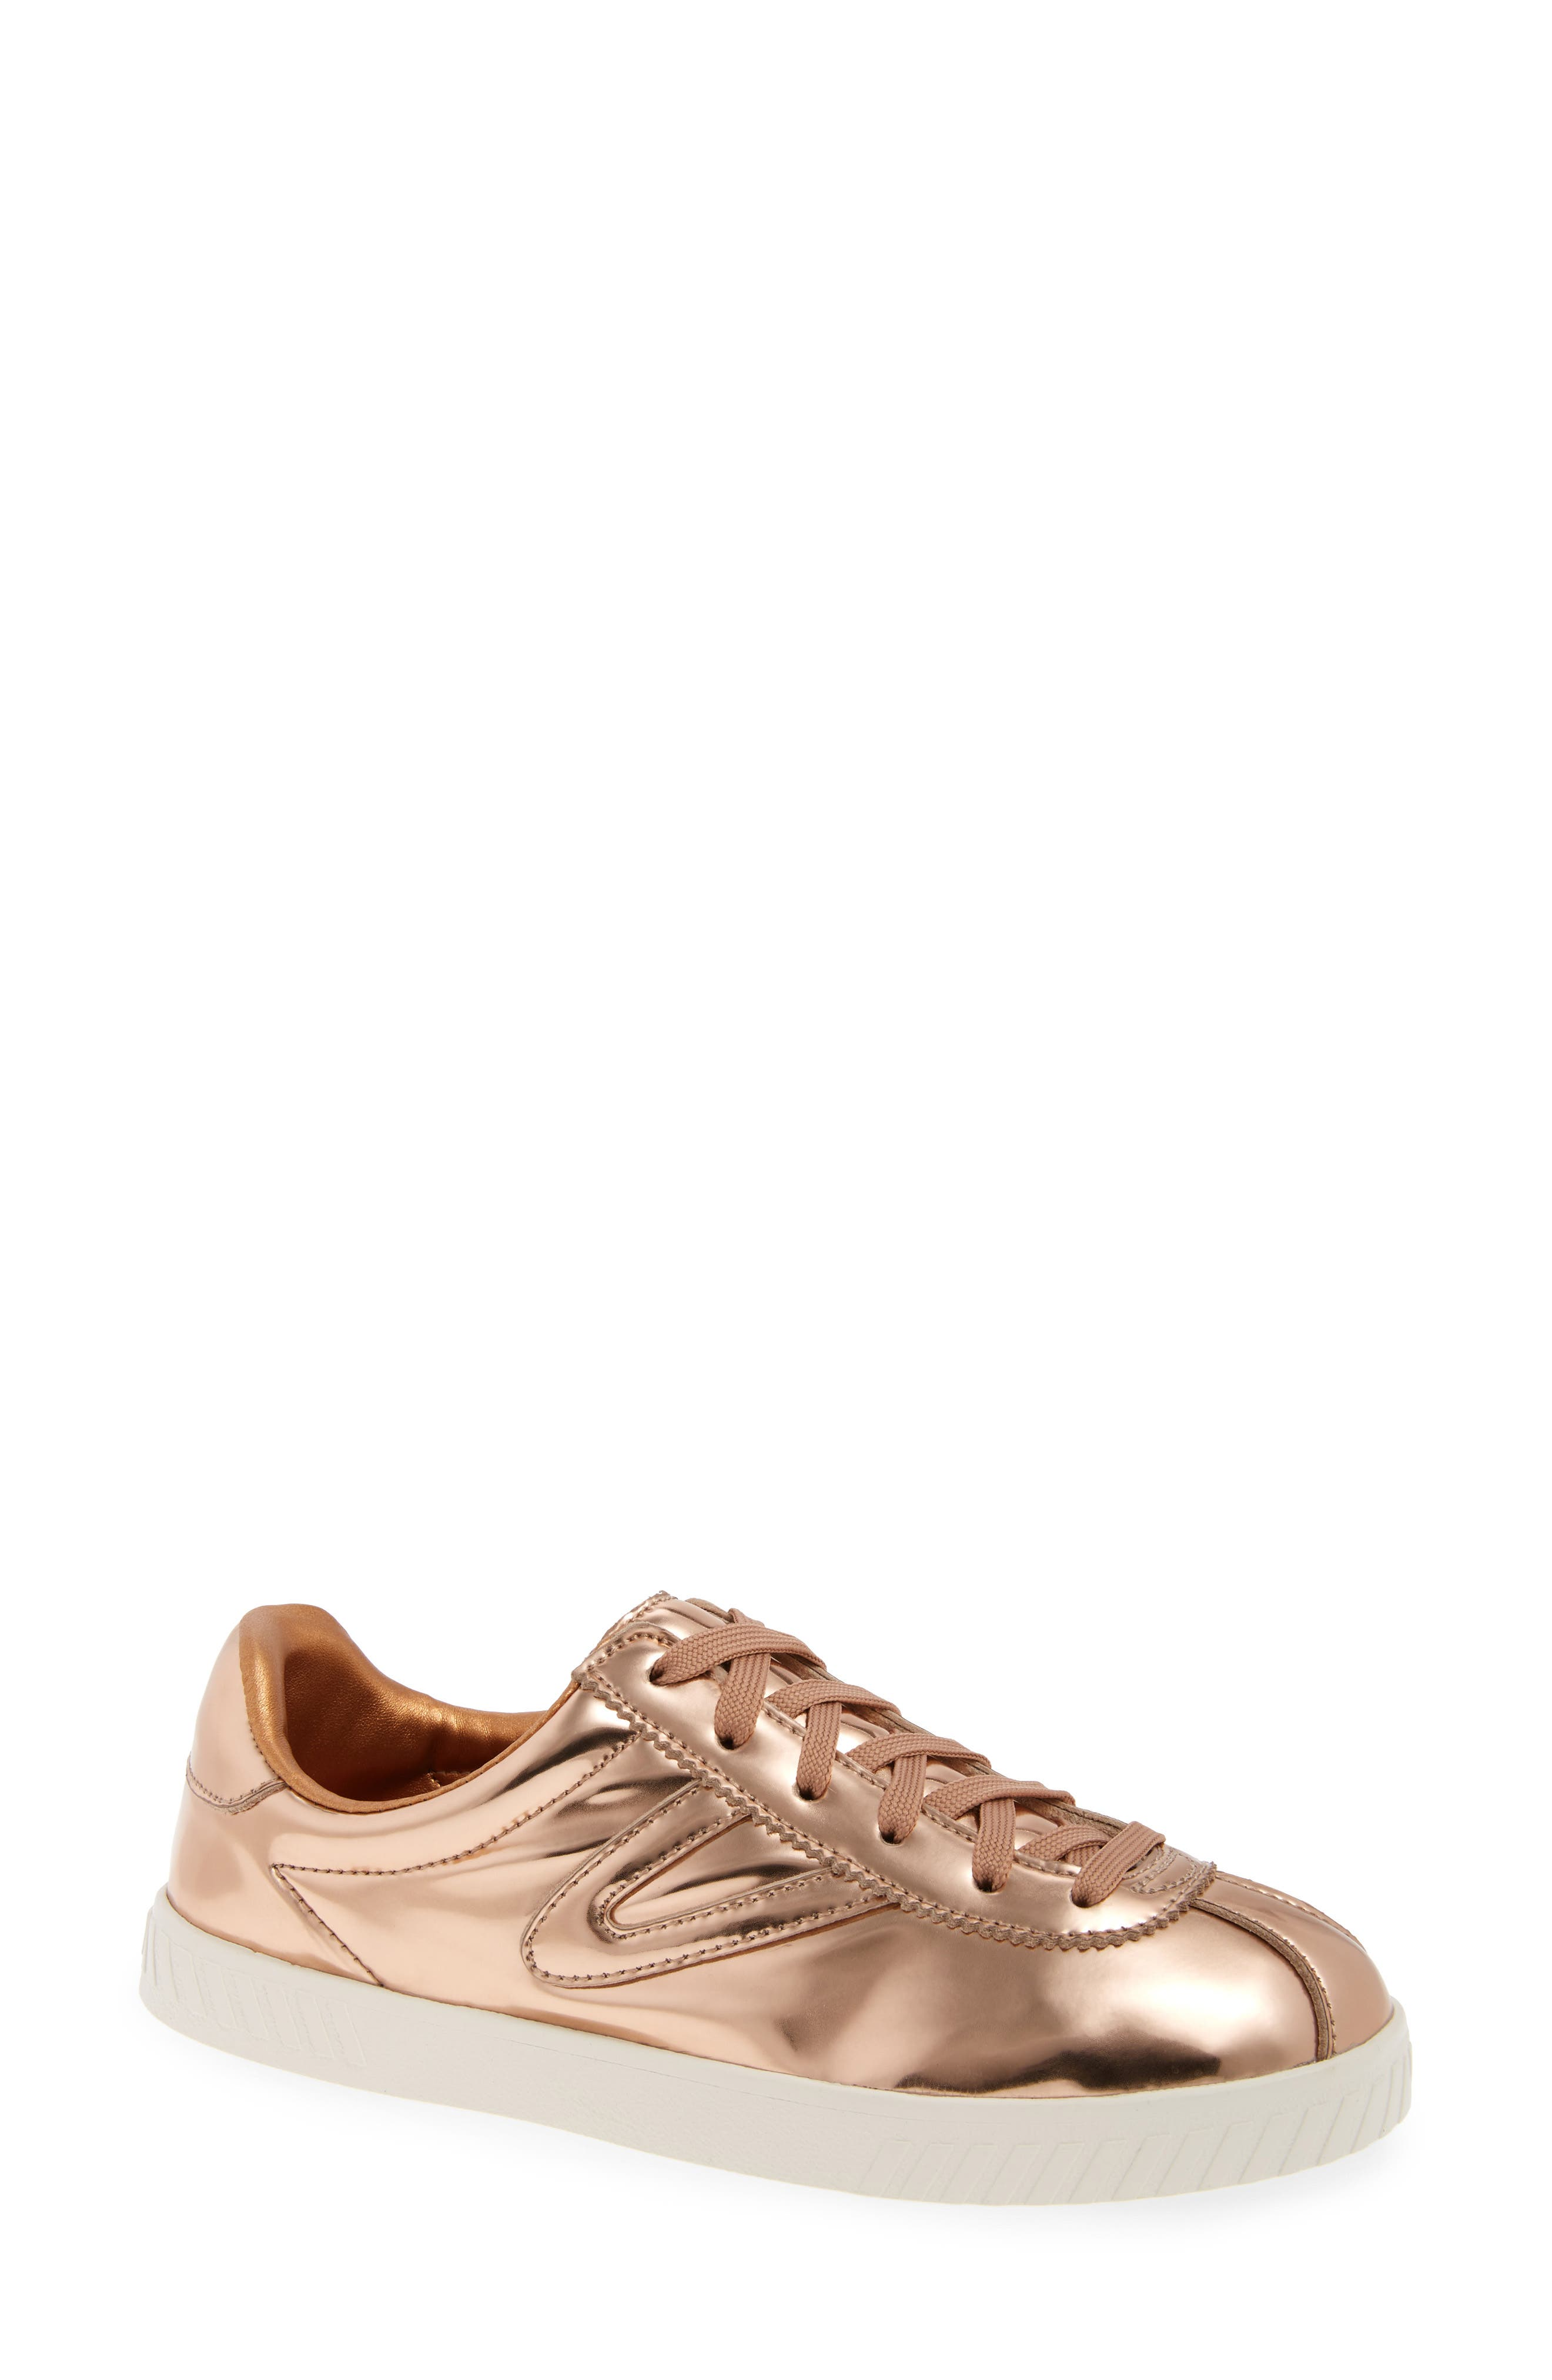 Camden 2 Sneaker,                             Main thumbnail 1, color,                             Magnolia